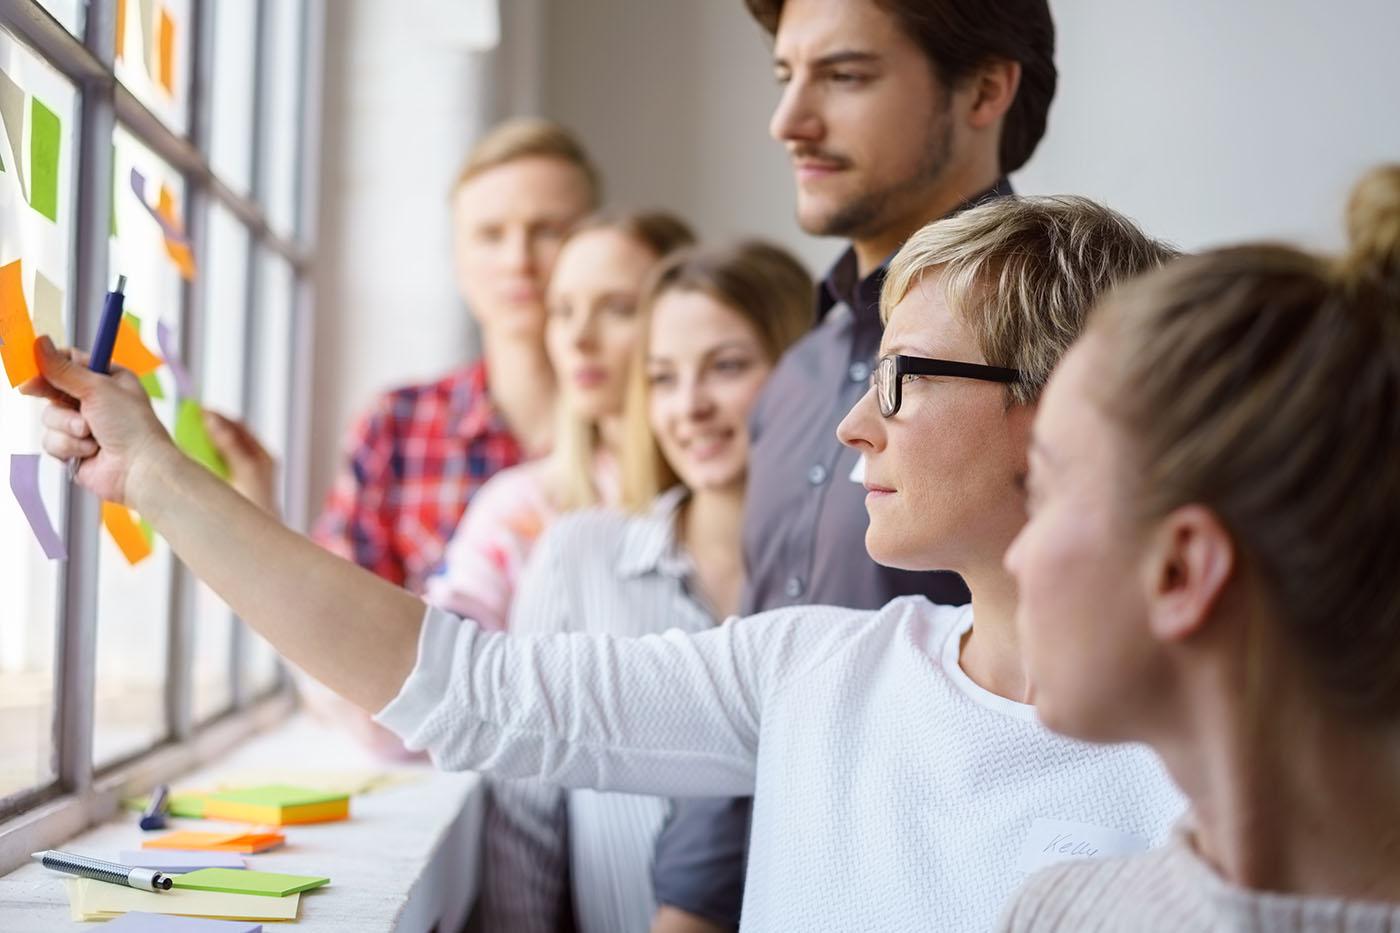 Bildungsbrücke Interkulturelles Training In interkulturellen Trainings unterstützen wir unsere Teilnehmer und Teilnehmerinnen gezielt darin, ihre Kommunikation in der deutsch-chinesischen Begegnung und Zusammenarbeit zu verbessern.